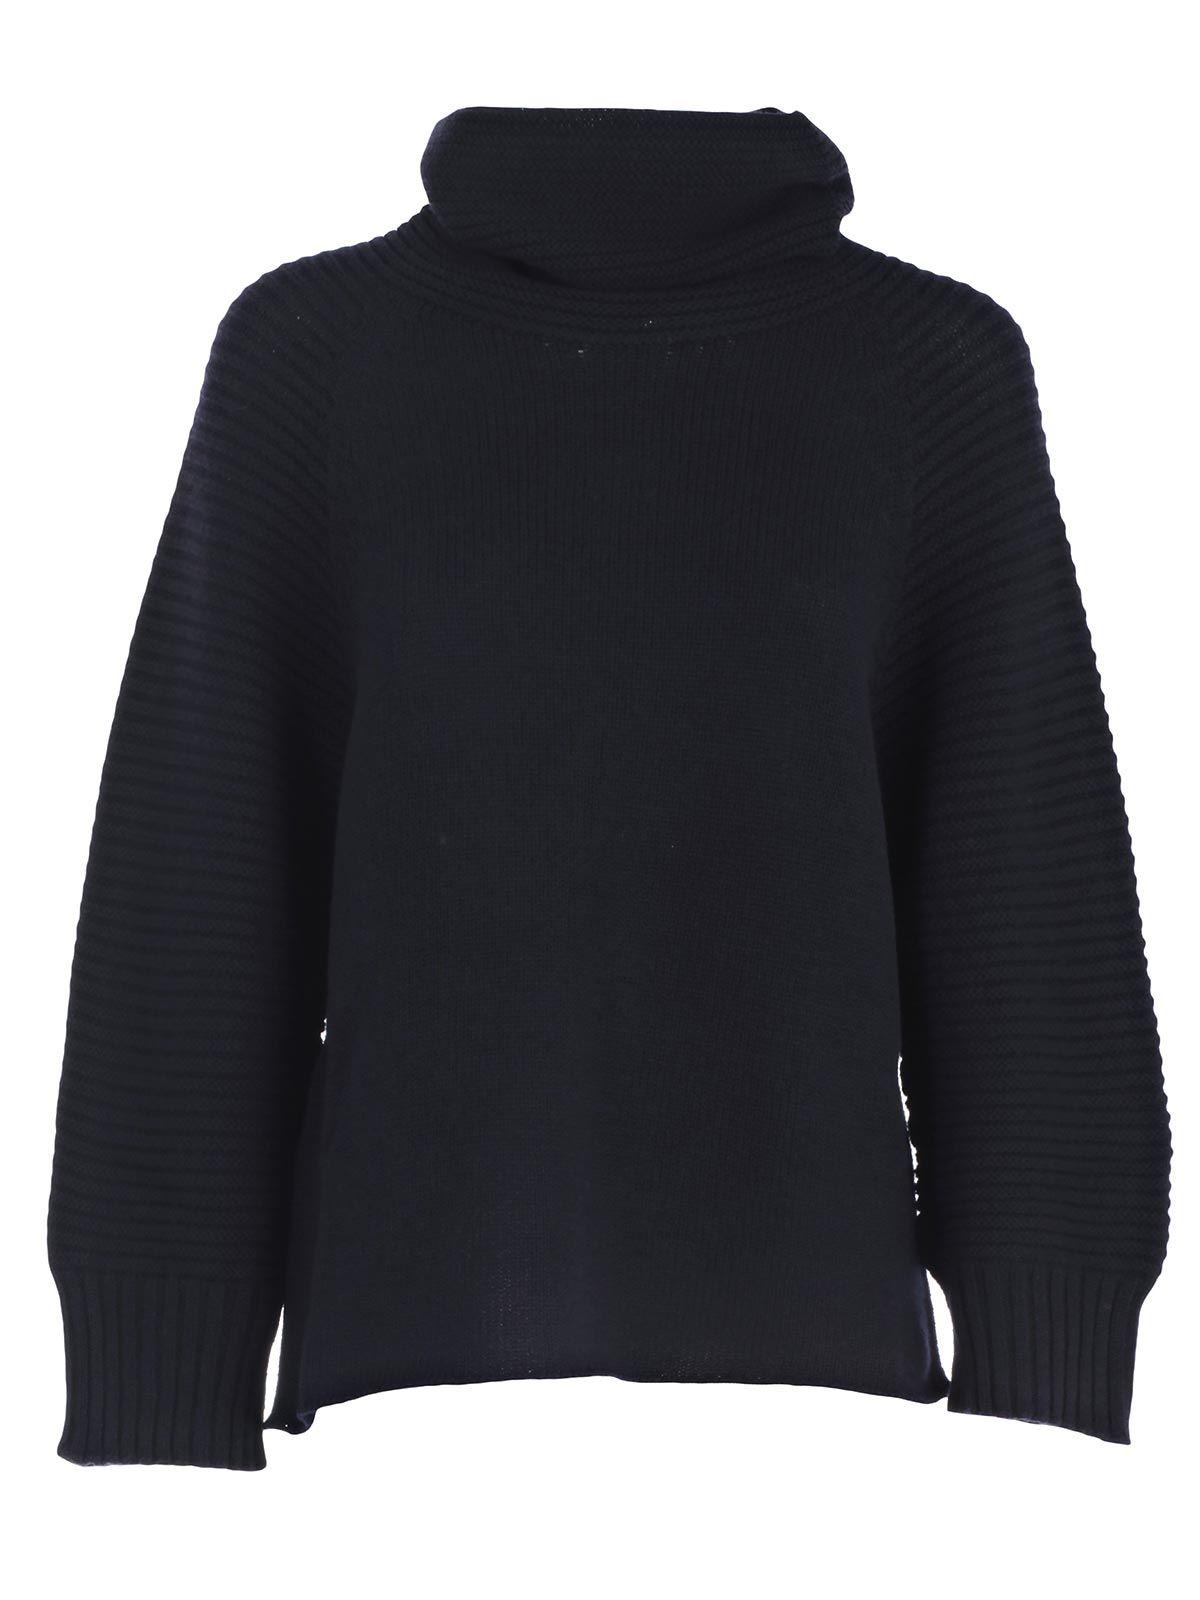 Armani Collezioni Sweater